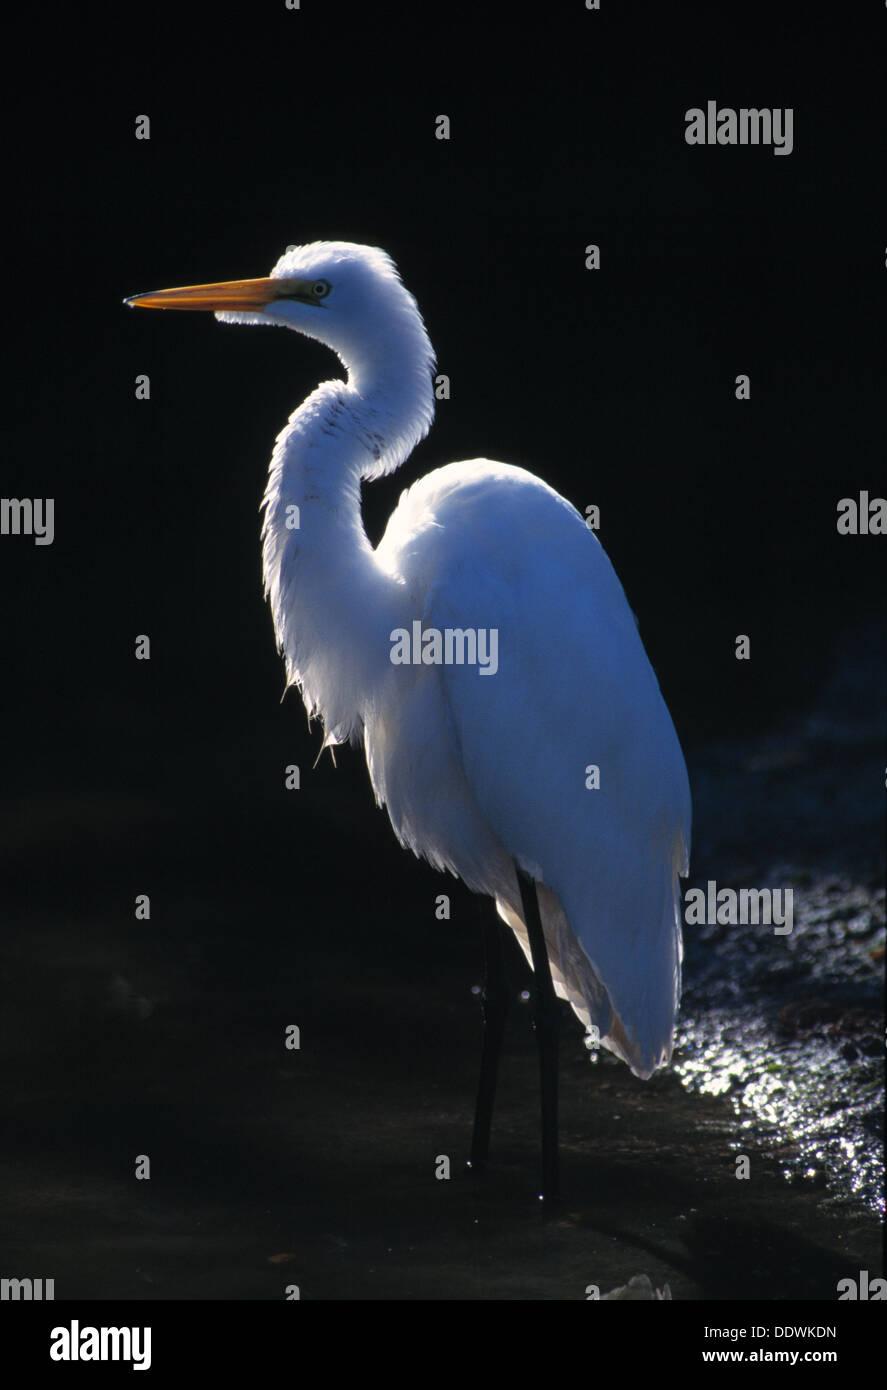 Great egret in Ding Darling National Wildlife Refuge Florida - Stock Image